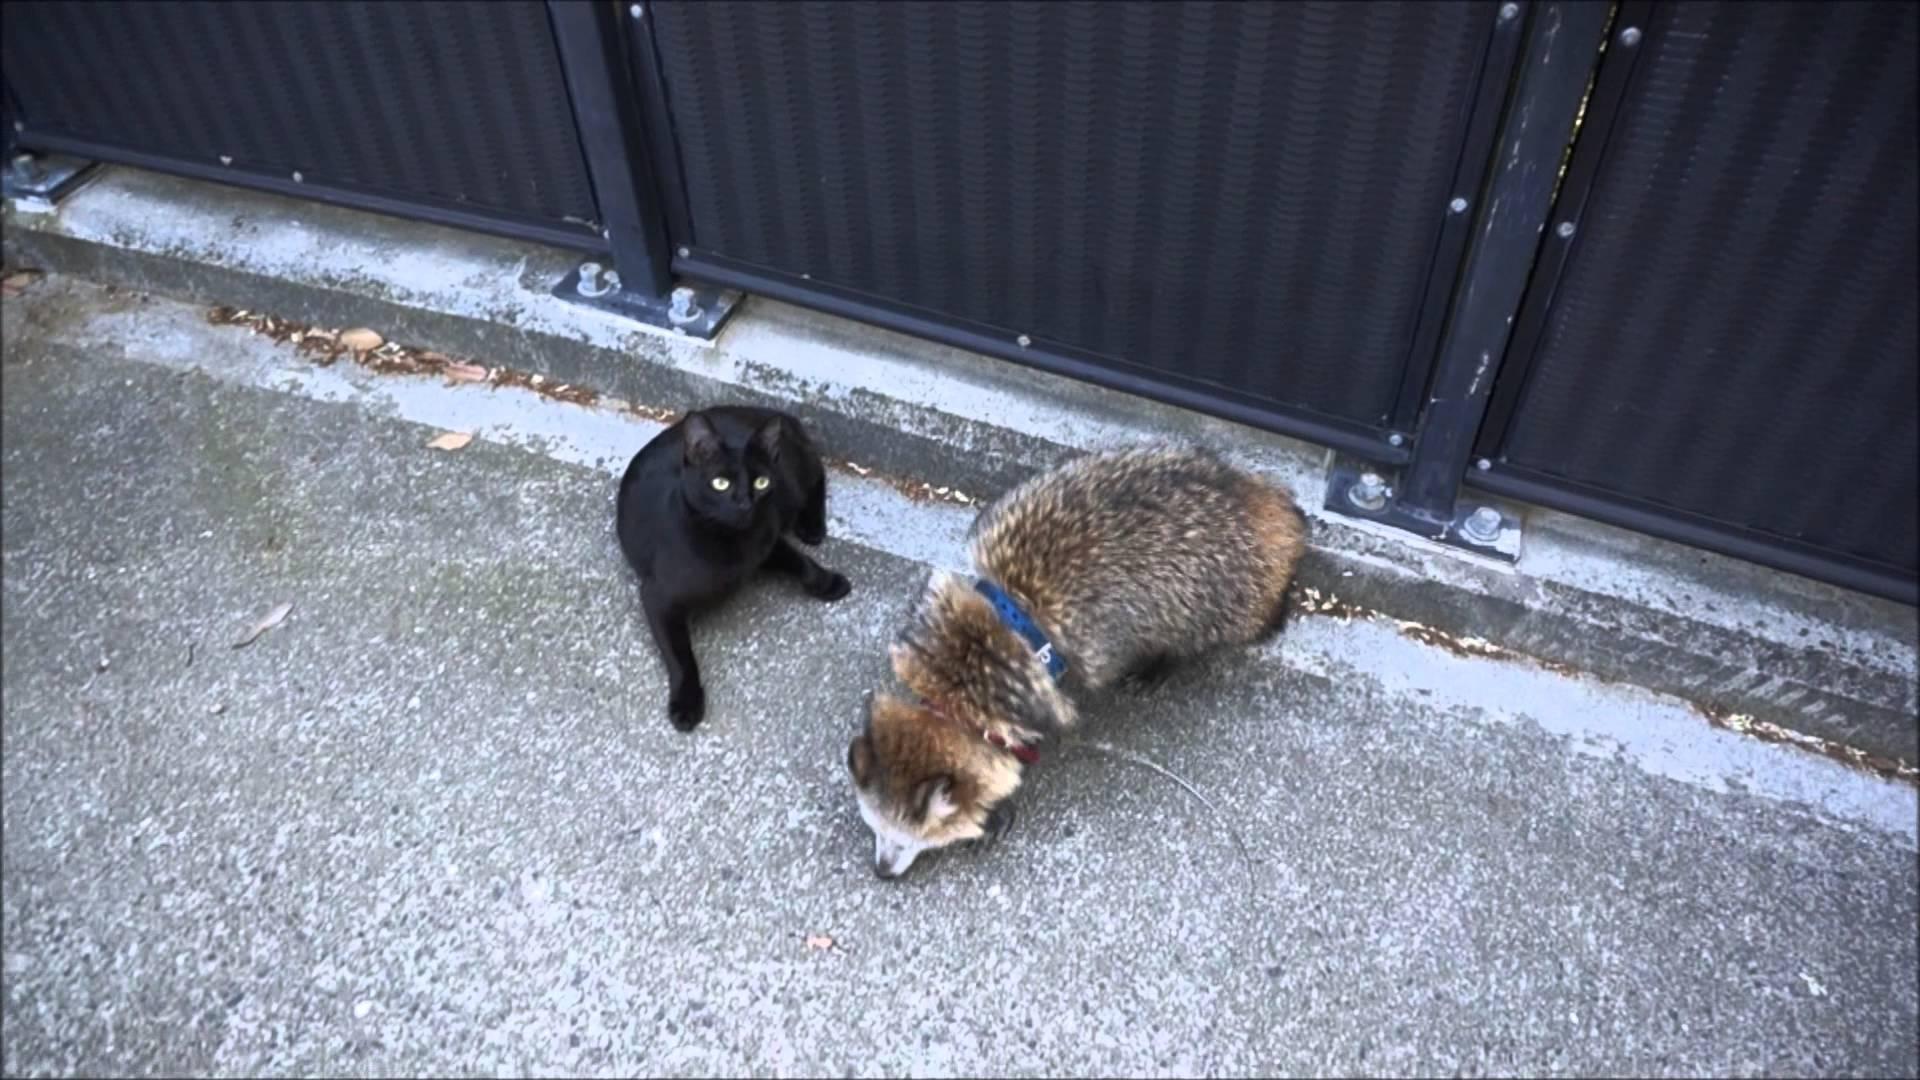 通りたいタヌキvs通さない黒猫の動画!意外と2匹は仲良しねww